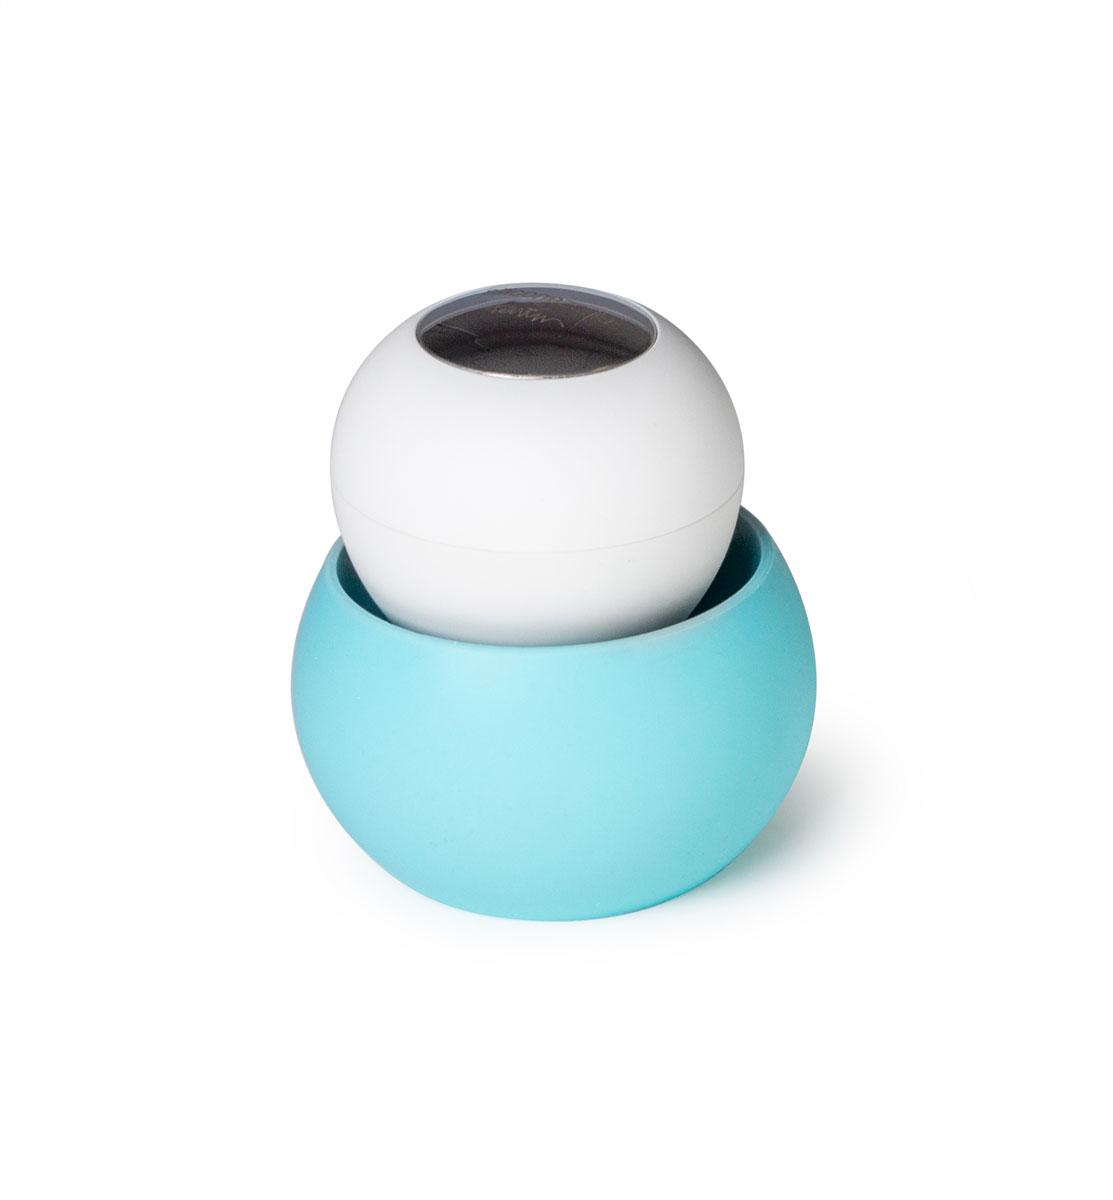 Щетка для мытья посуды SiliconeZone, цвет: голубой, белый, 9 х 9,5 смK100Щетка проста в использовании, ее ручка не скользит и легко помещается в руках, а мягкая нейлоновая щетина эффективно чистит. Нержавеющая сталь на крышке позволяет нейтрализовать любые запахи, которые руки могут приобретать во время чистки посуды. Силиконовая подставка предназначена для сбора лишней воды, чтобы держать столешницу в чистоте все время.